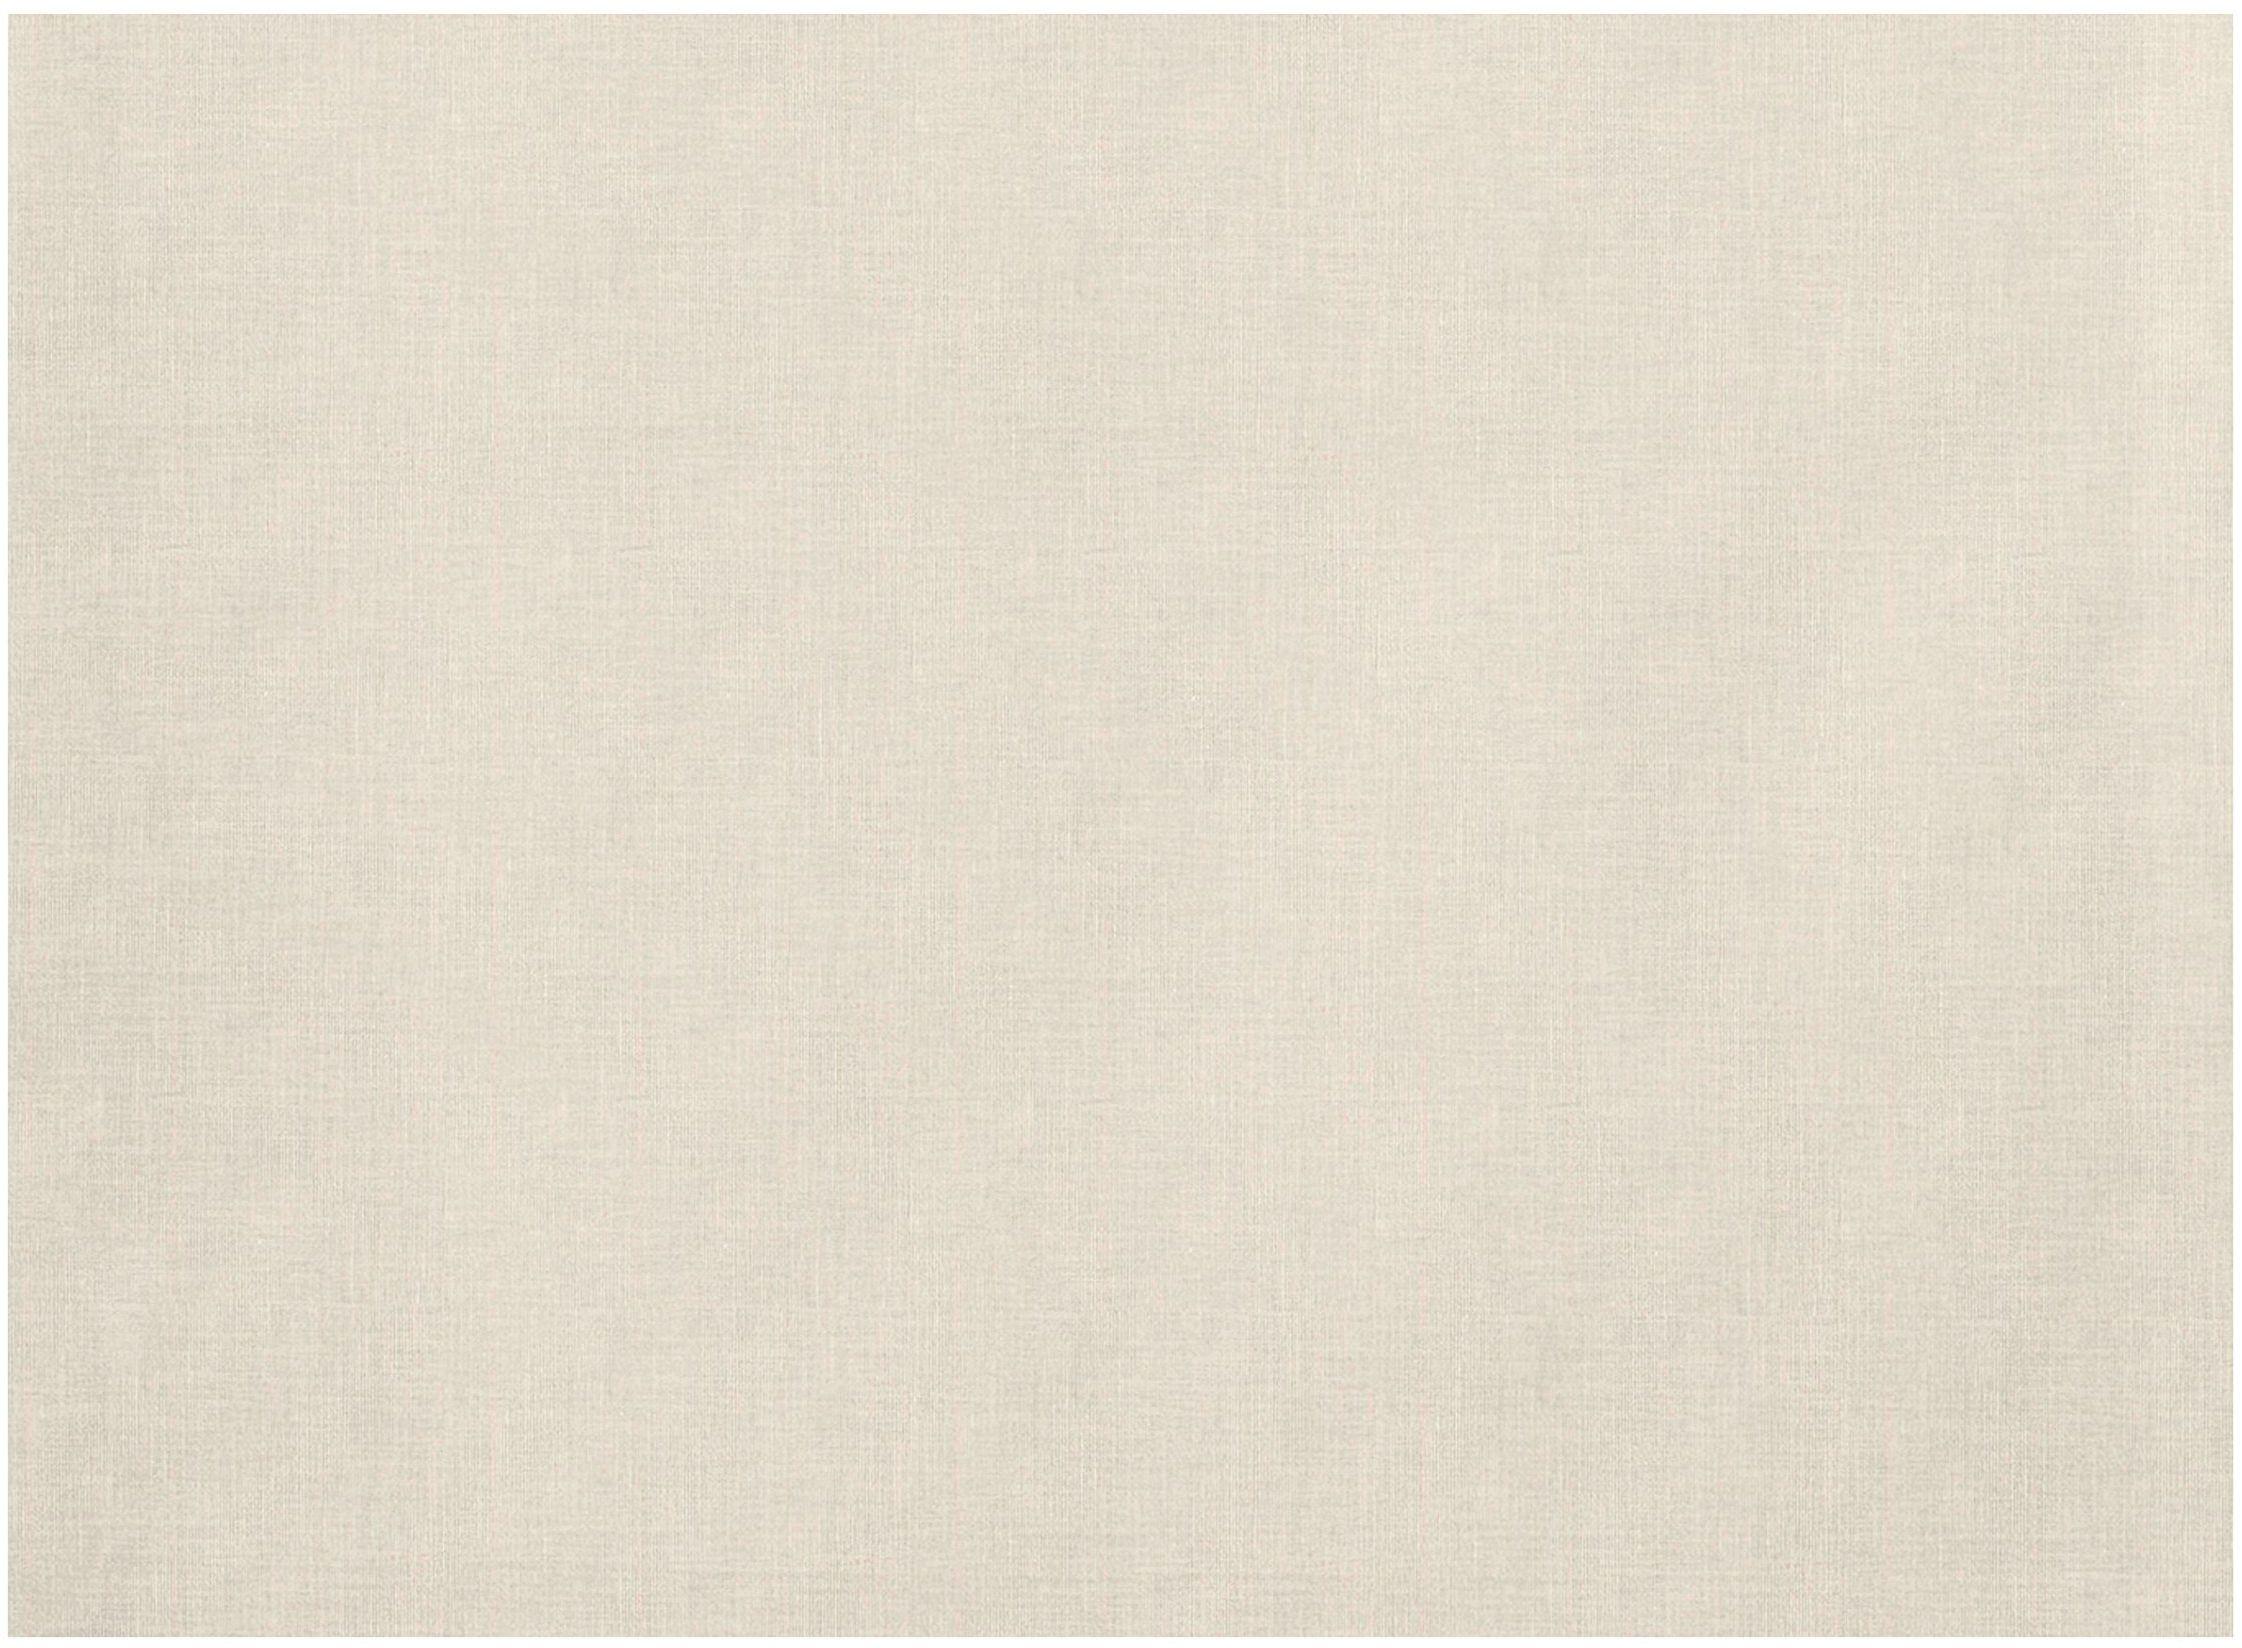 Apelt Zestaw podkładek, bawełna poliestrowa, biała, 35 x 48 x 0,2 cm